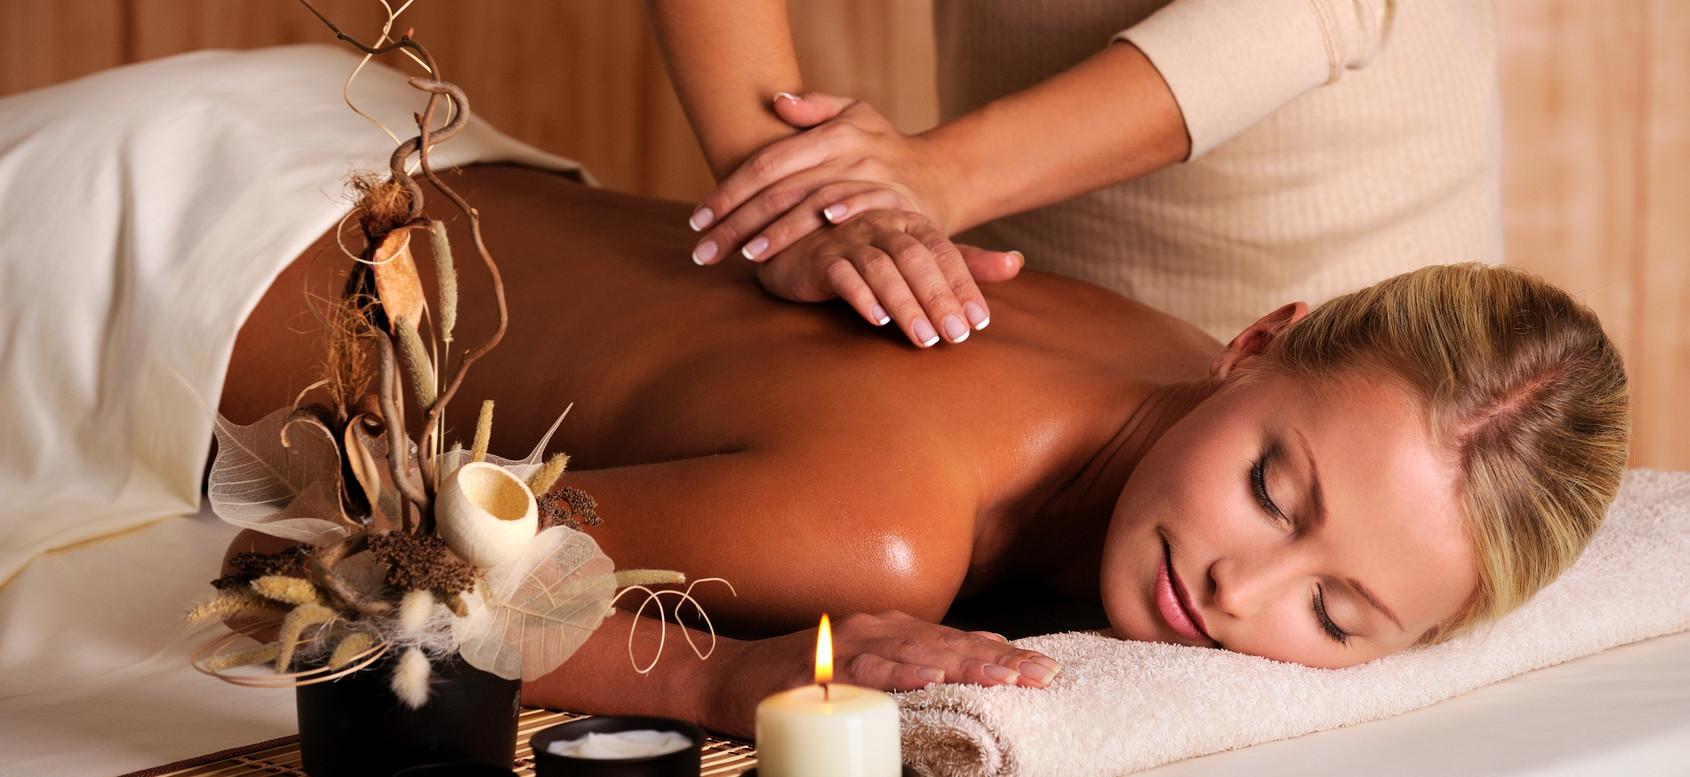 Healthwise Online Sydney_Massage